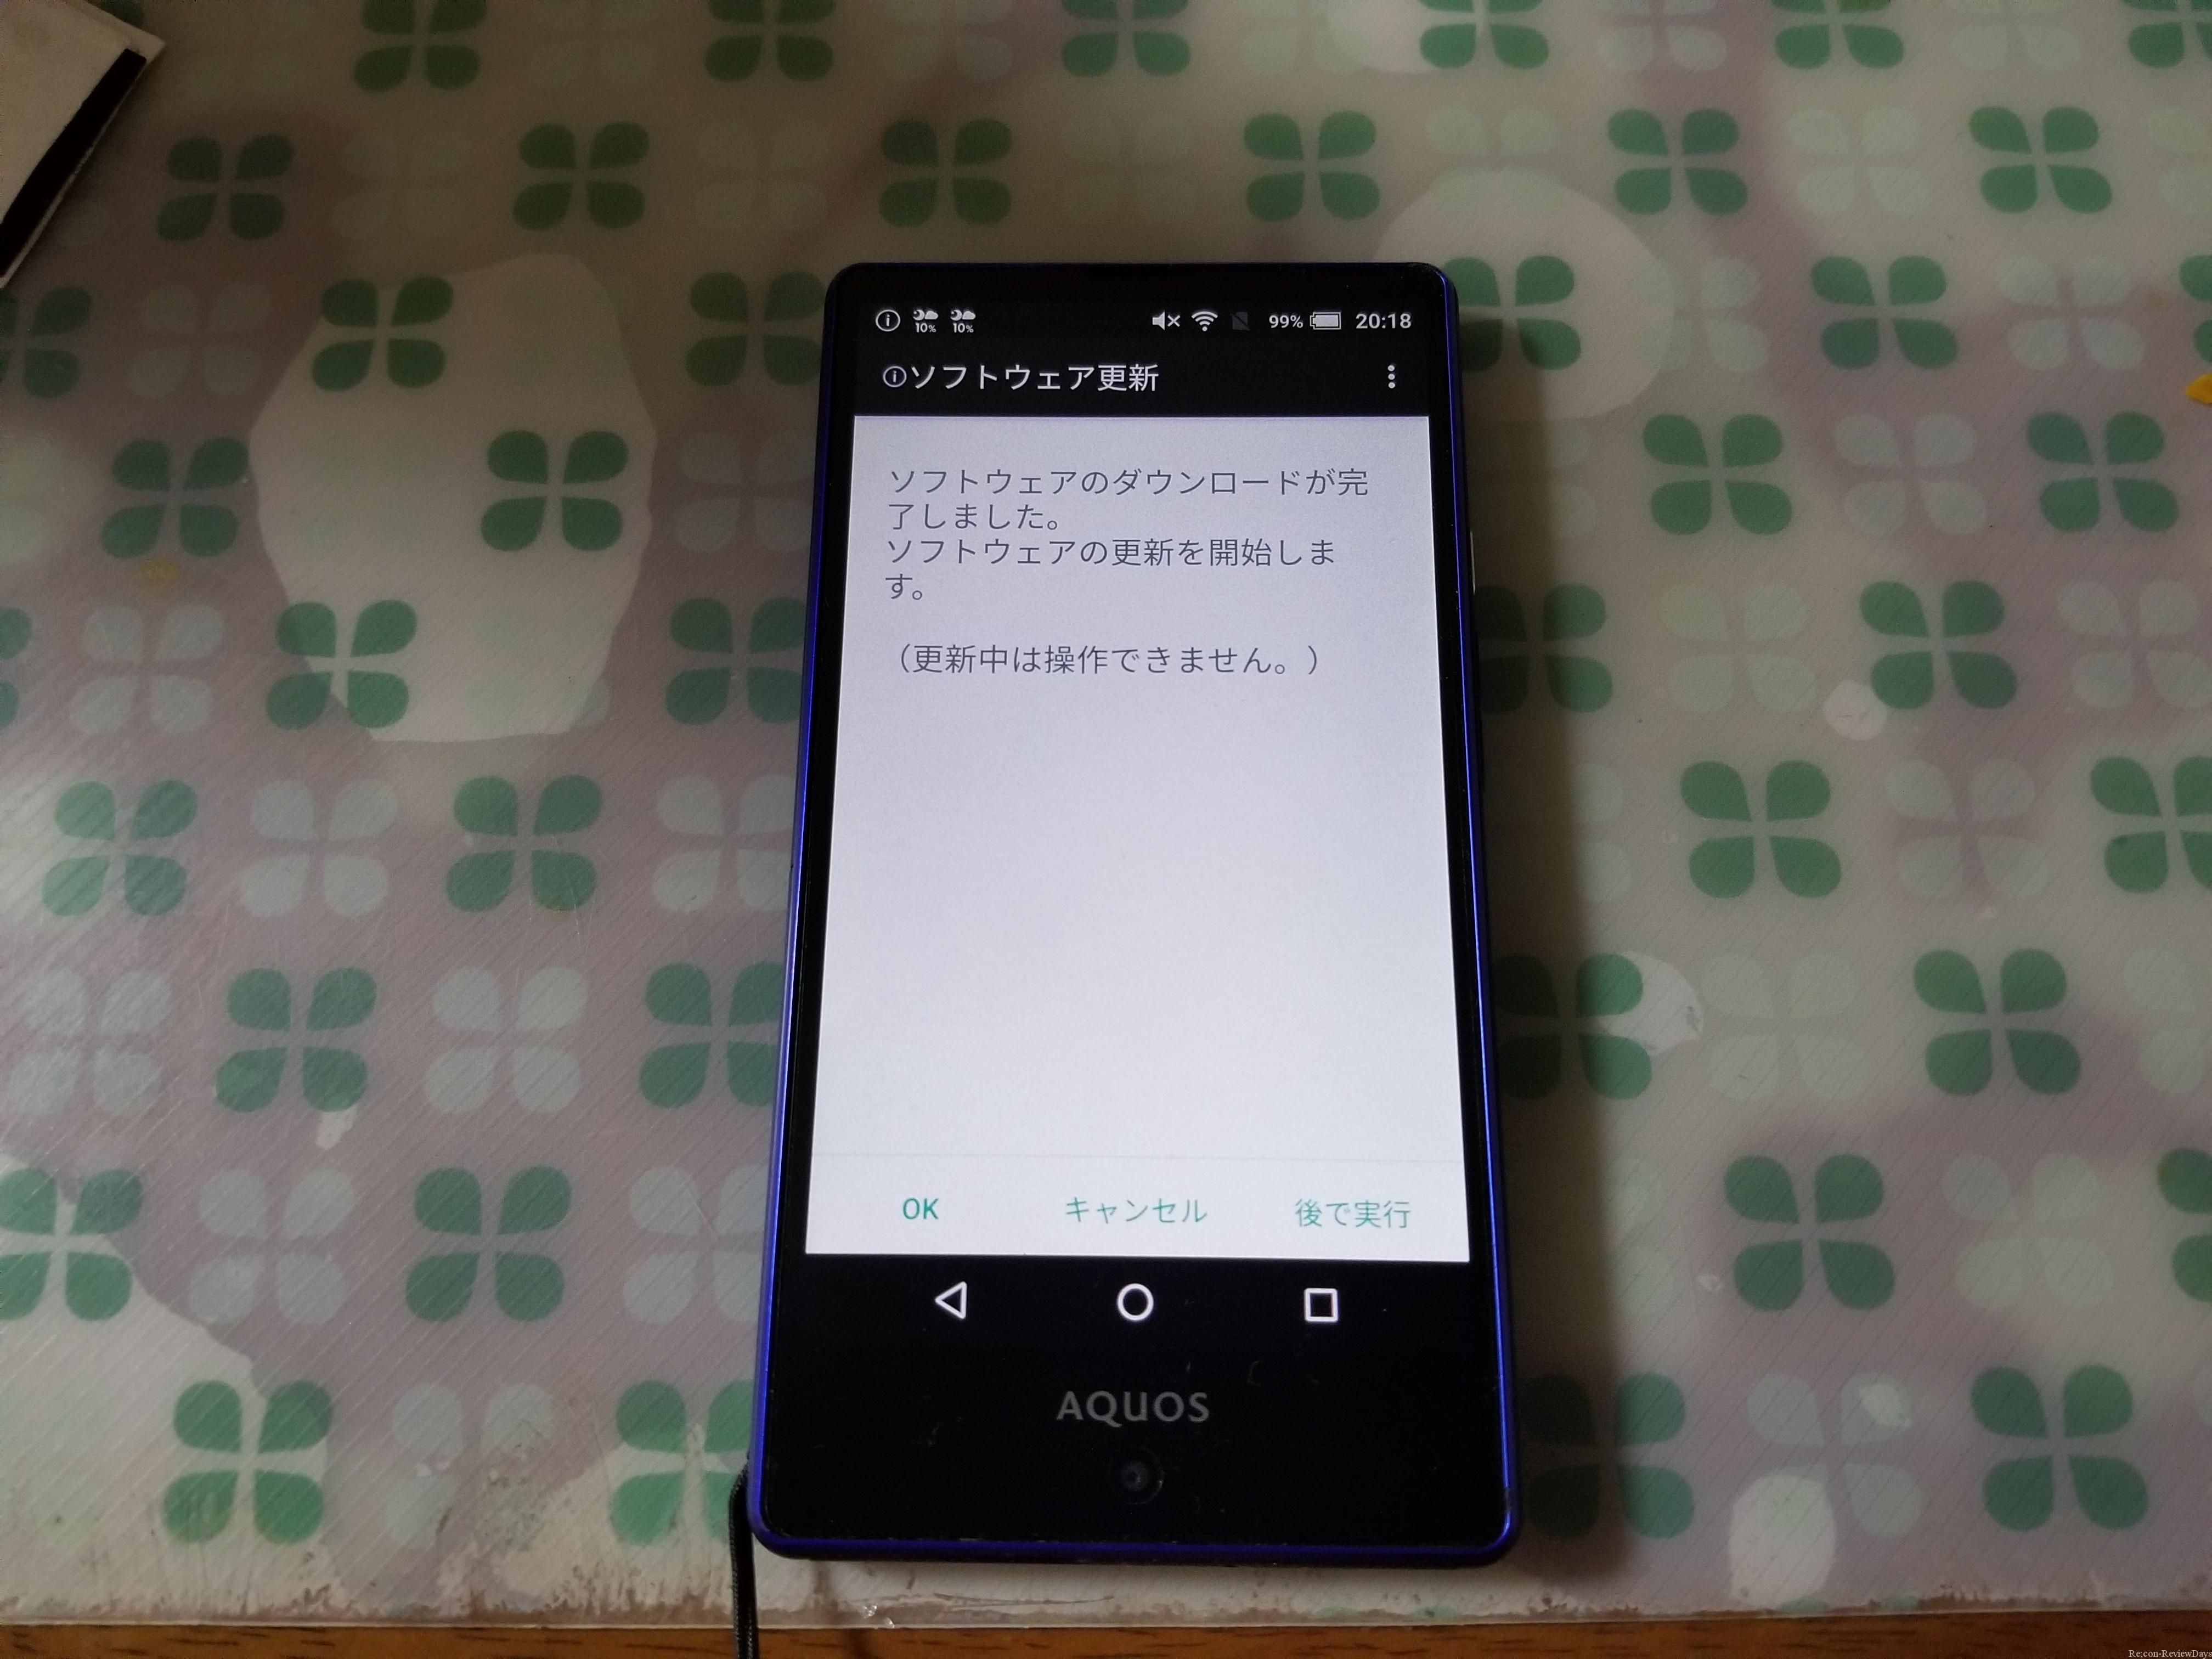 カード android sim なし AndroidスマホのSIMロック解除ができたか、SIMフリーの確認方法